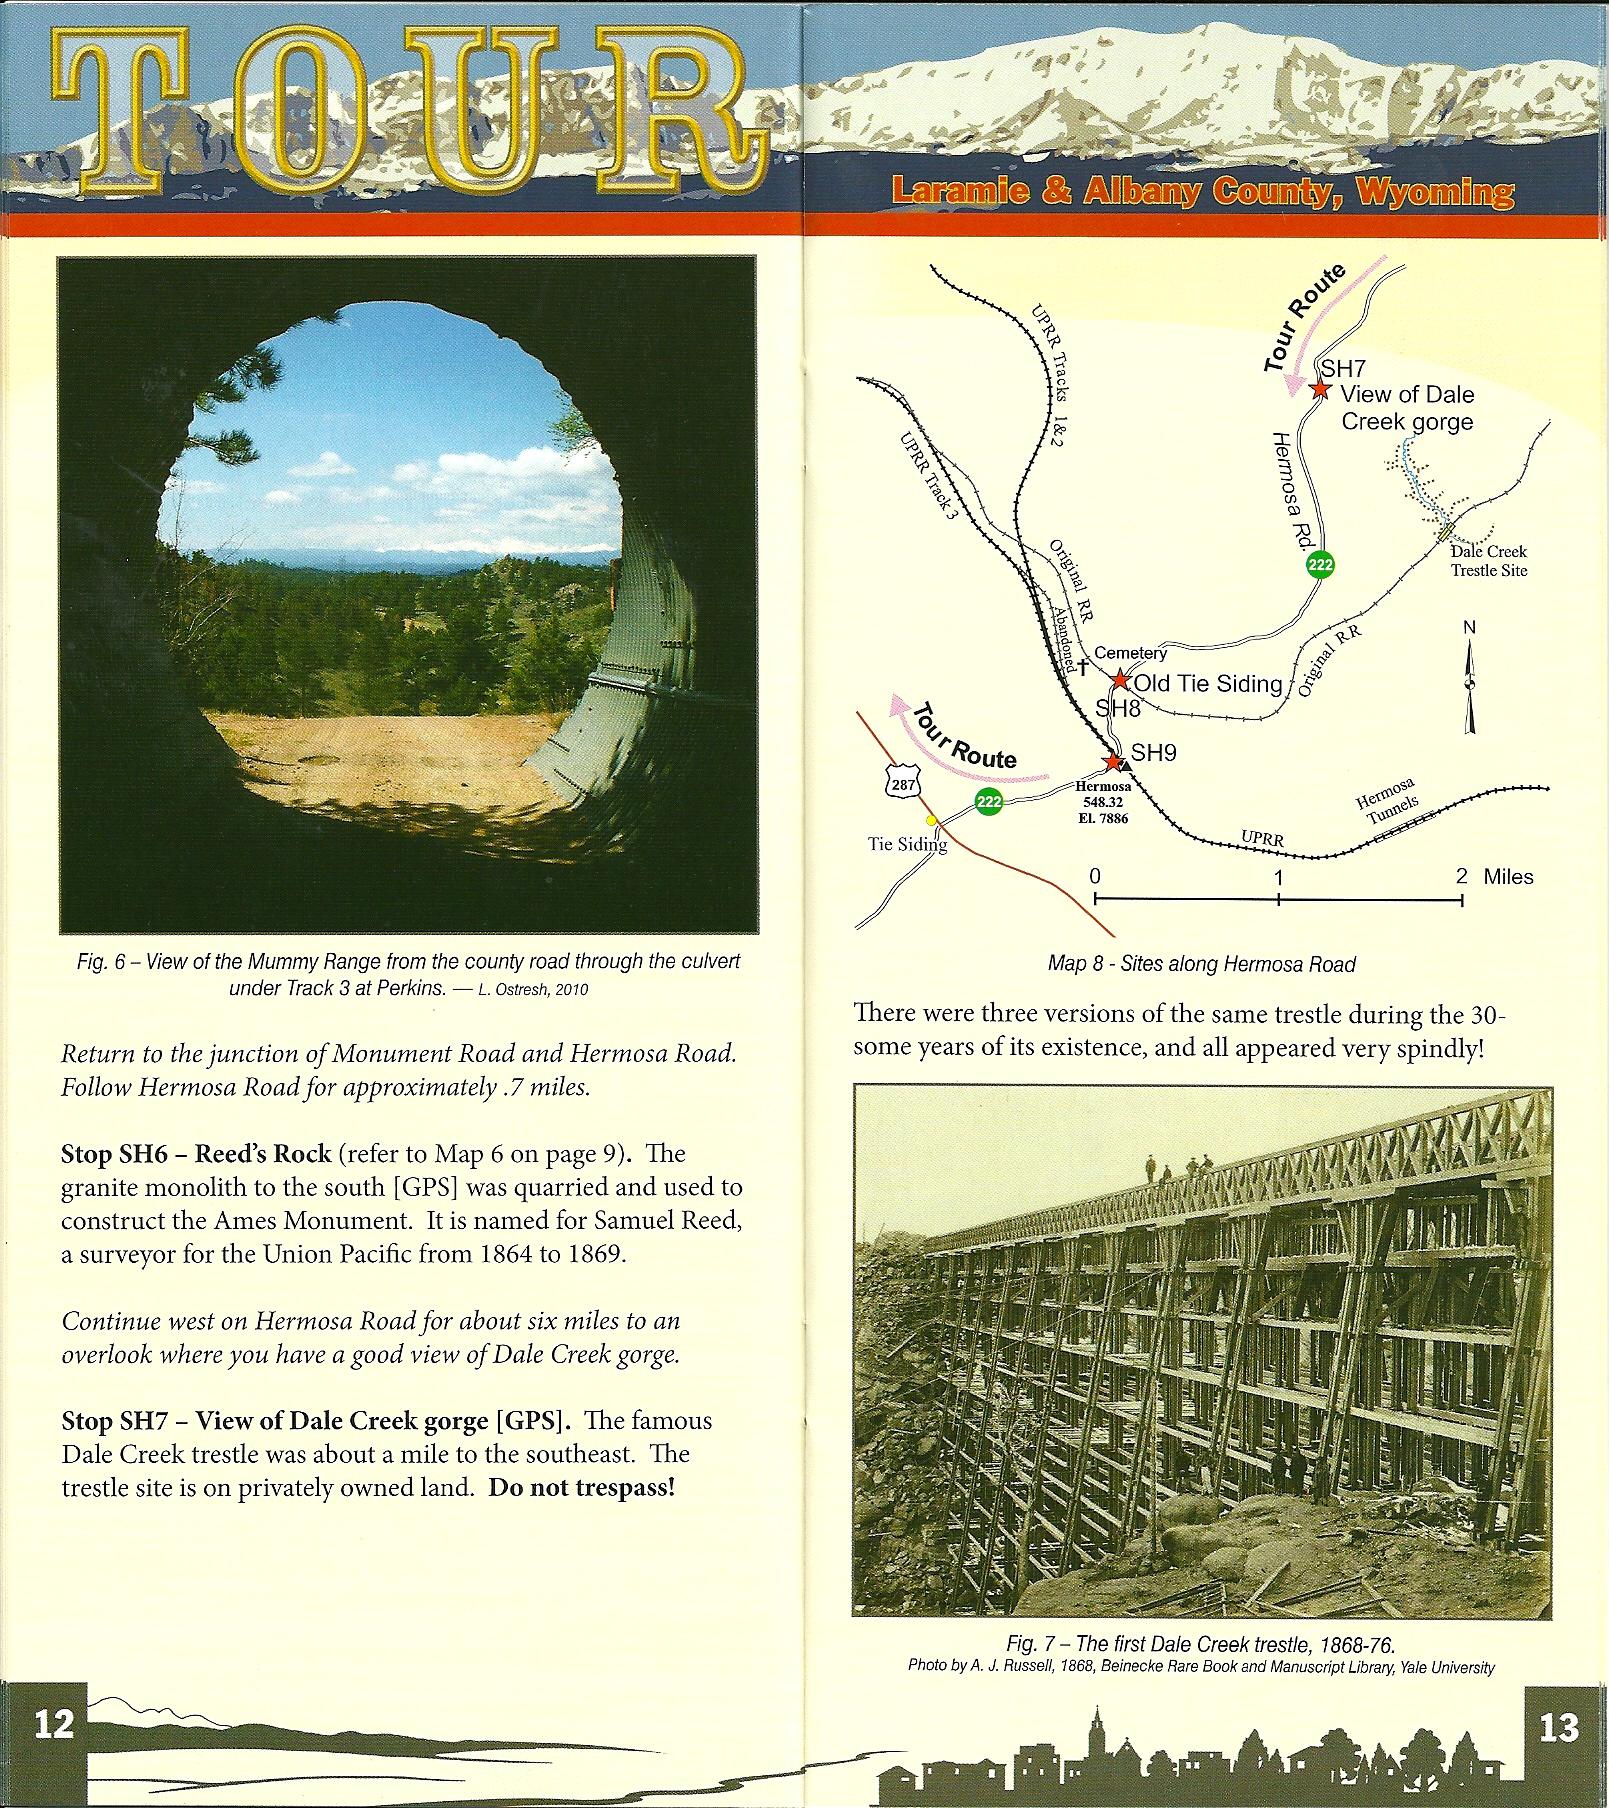 Pp 12 - 13.jpg